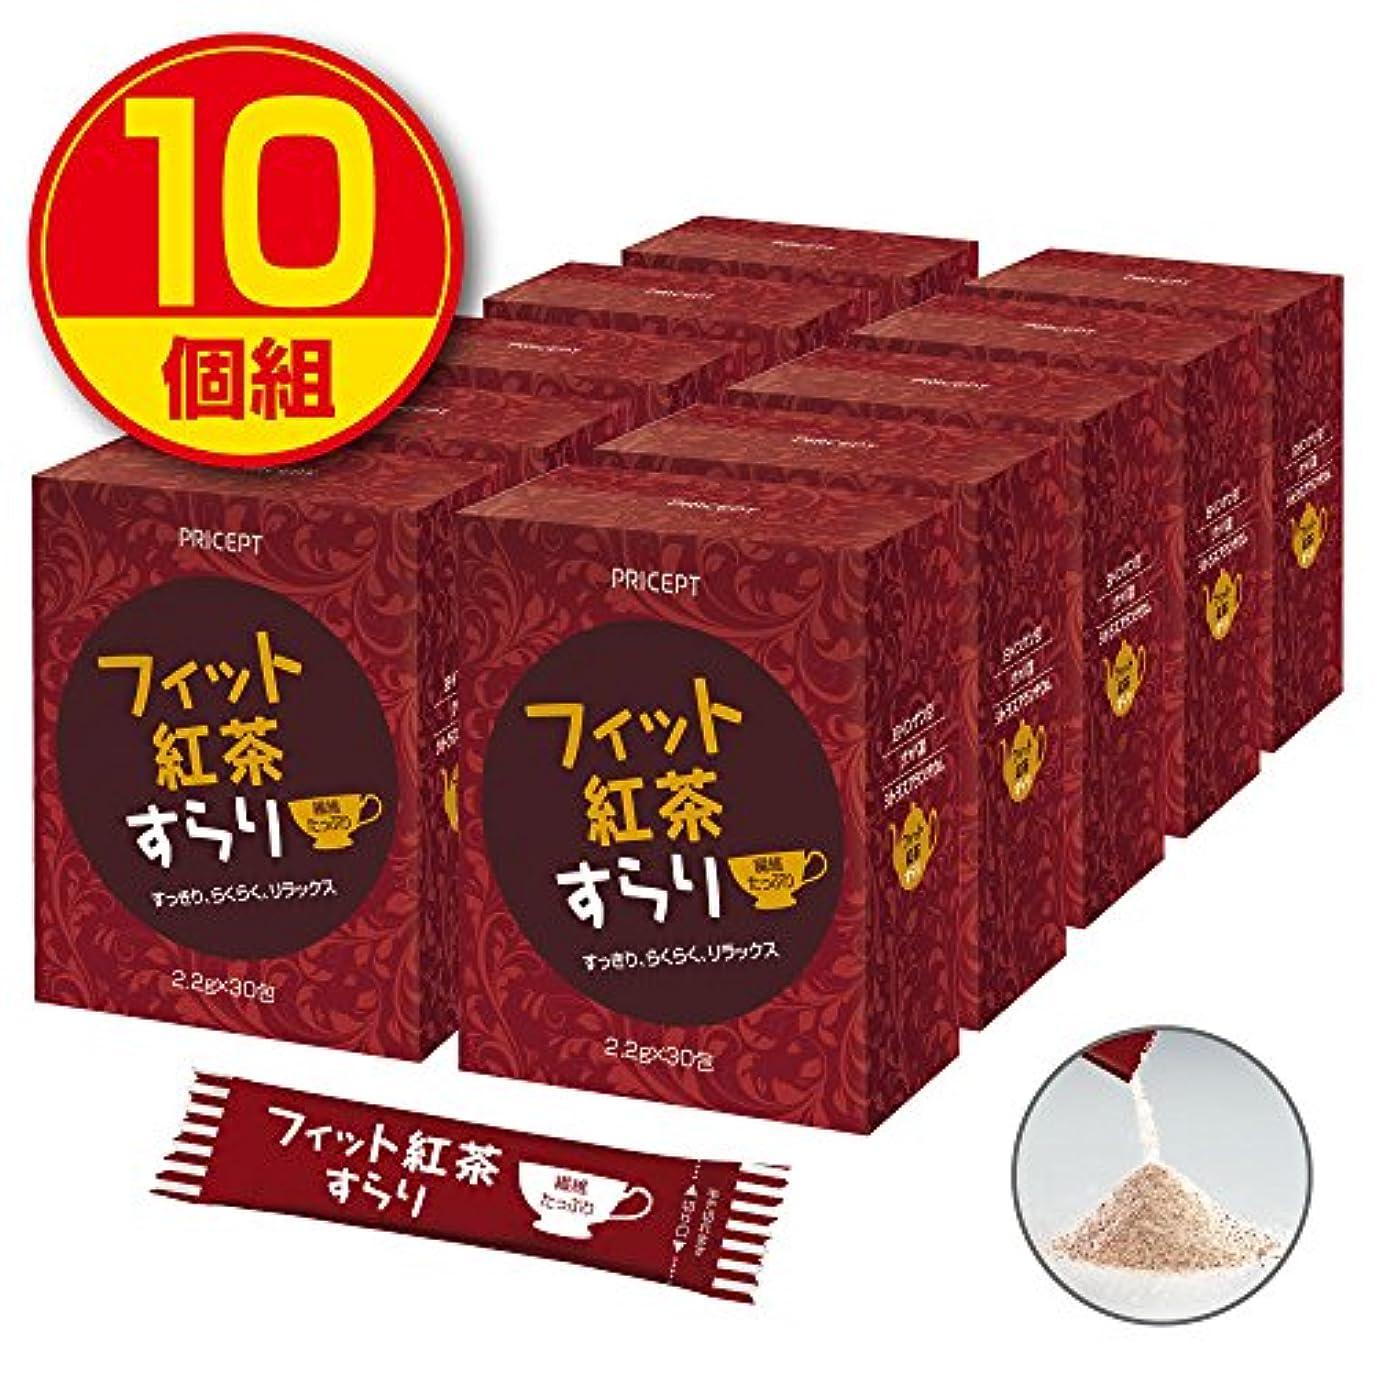 刺繍特権蚊プリセプト フィット紅茶すらり(30包)【10個組?300包】(食物繊維配合ダイエットサポート紅茶)